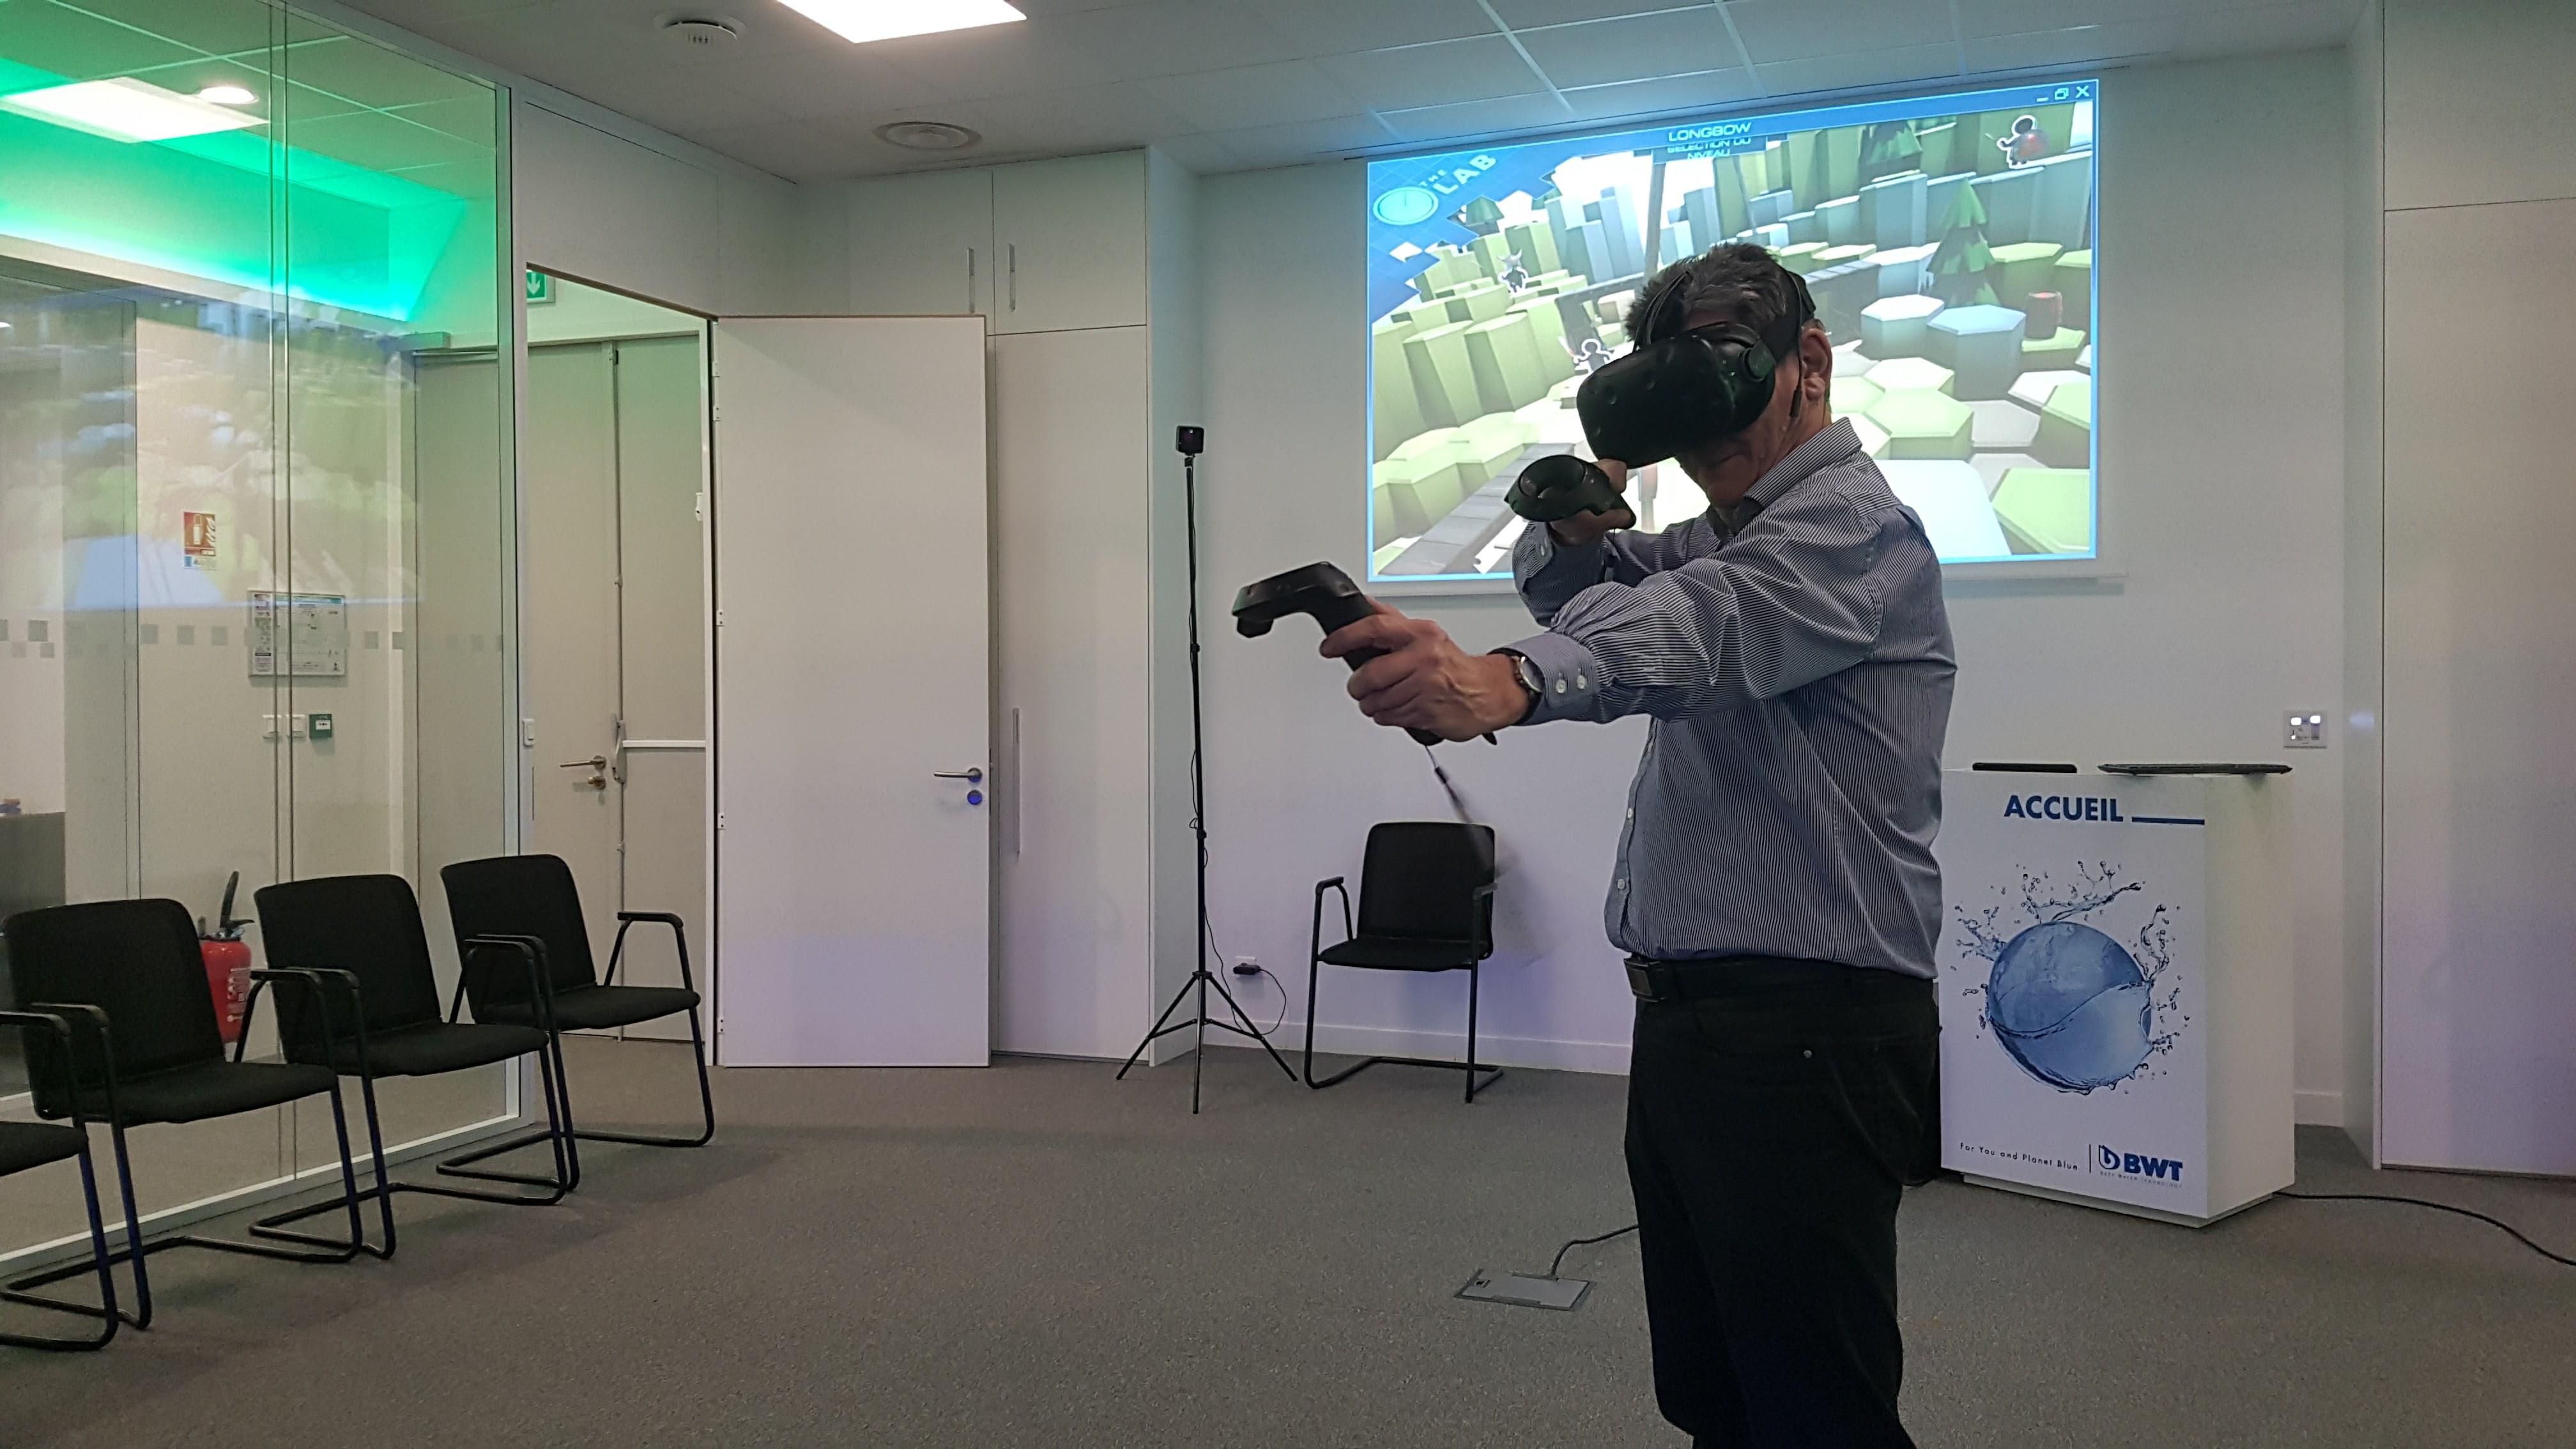 BWT - location d'un casque de réalité virtuelle UniVR Studio